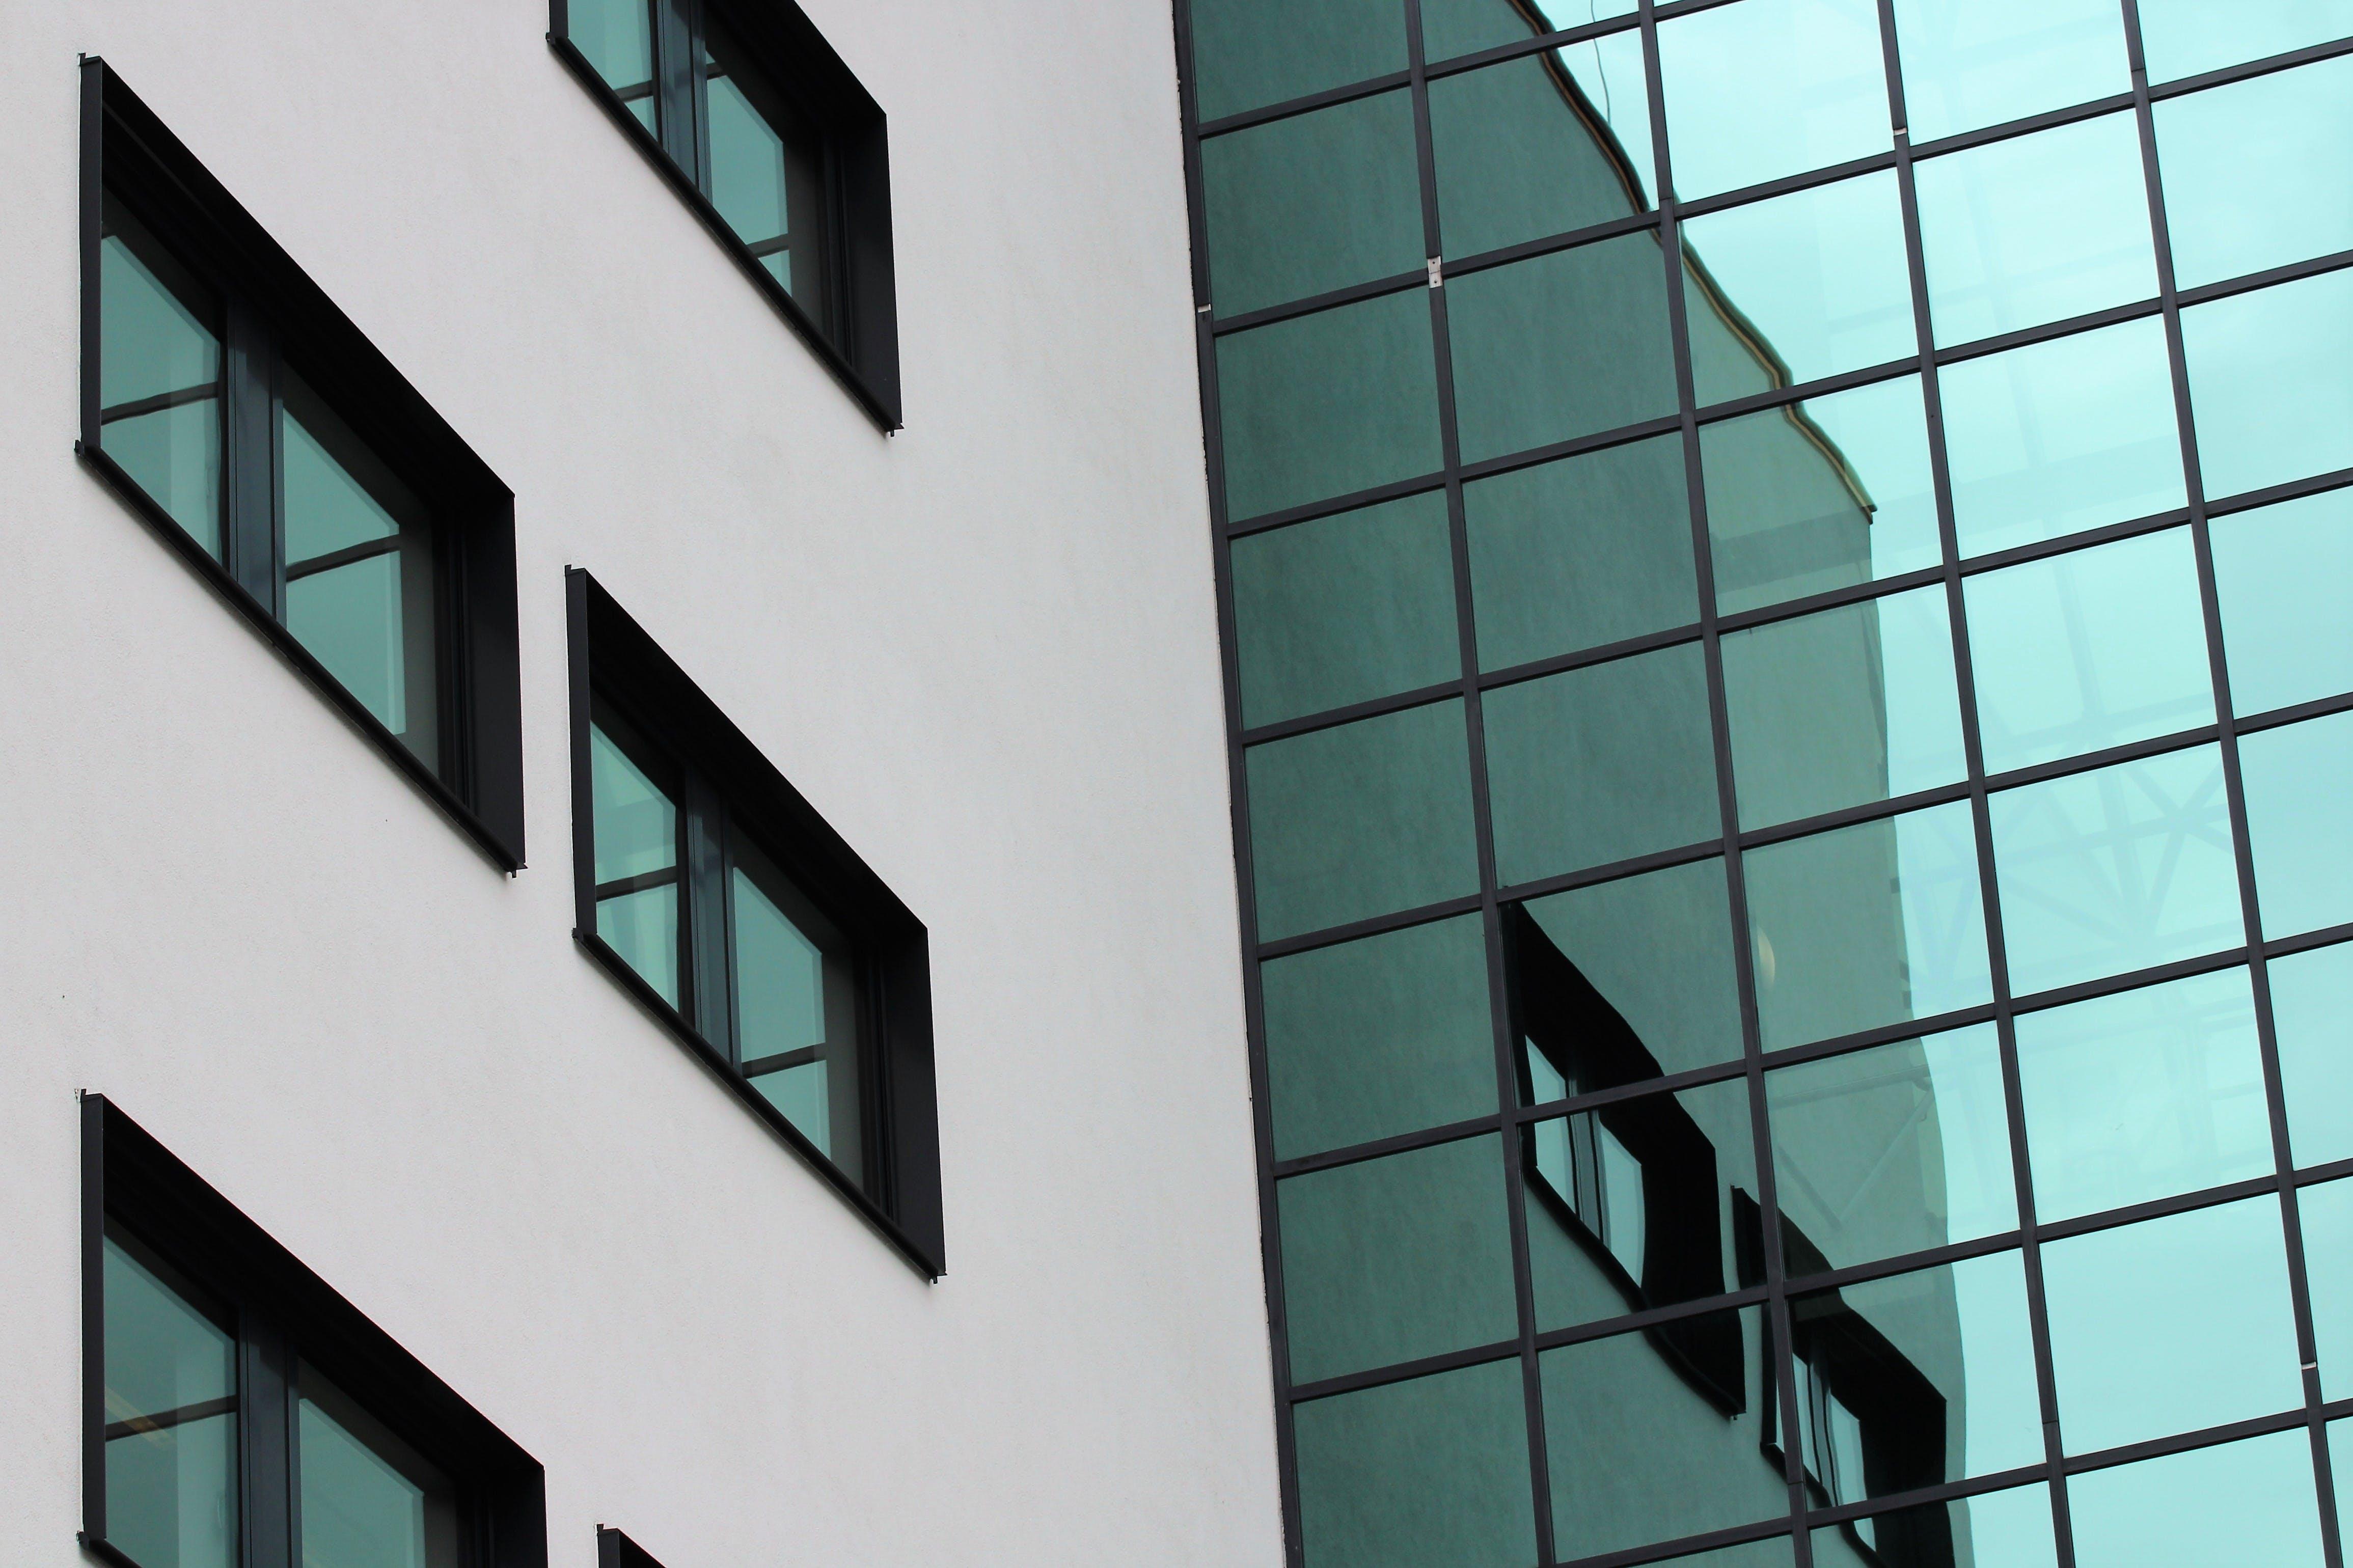 Gratis stockfoto met architectueel design, architectuur, daglicht, flat